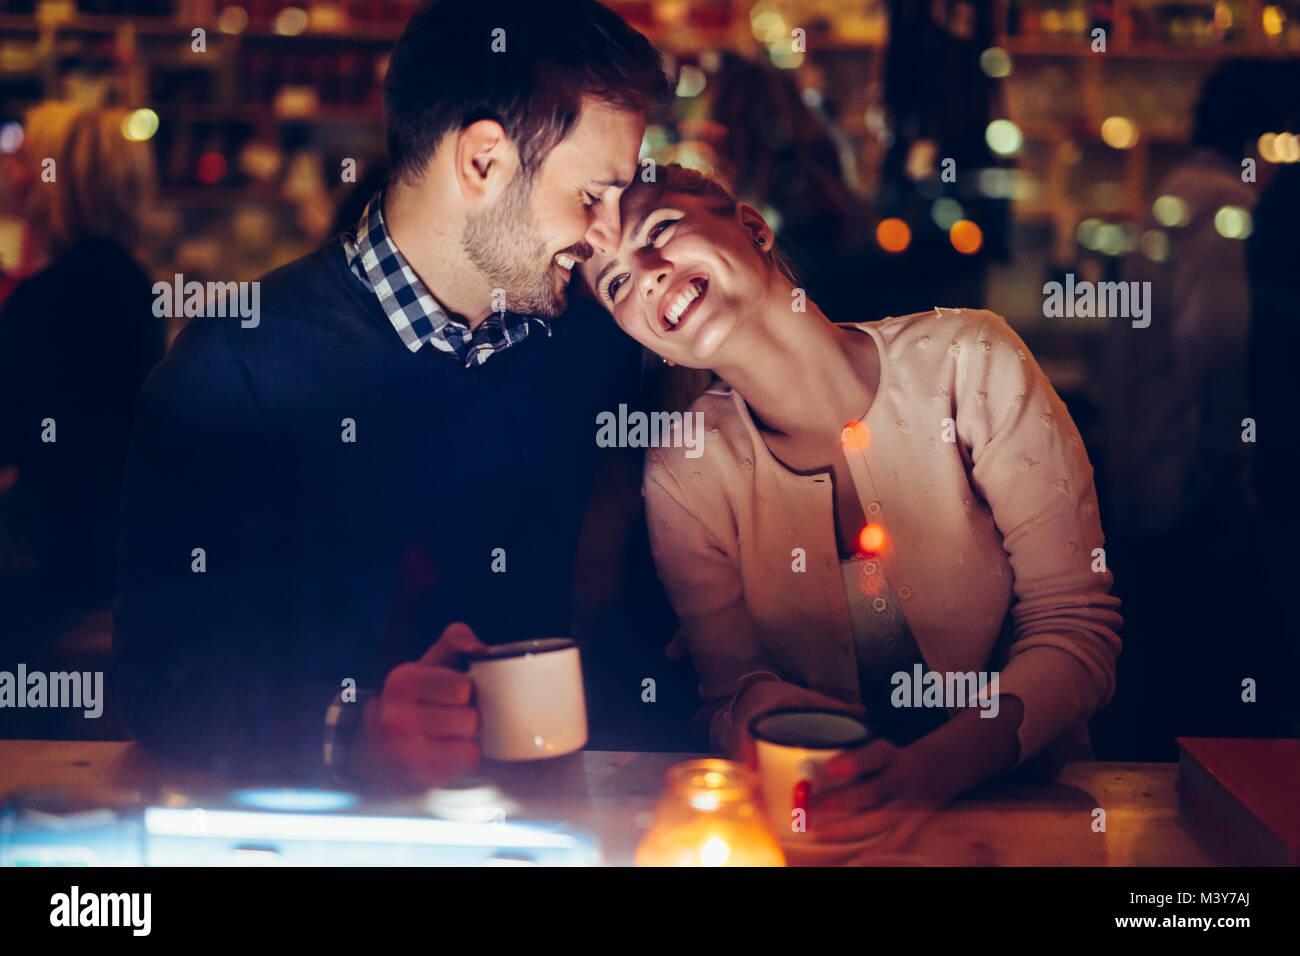 Coppia romantica dating in pub di notte Immagini Stock